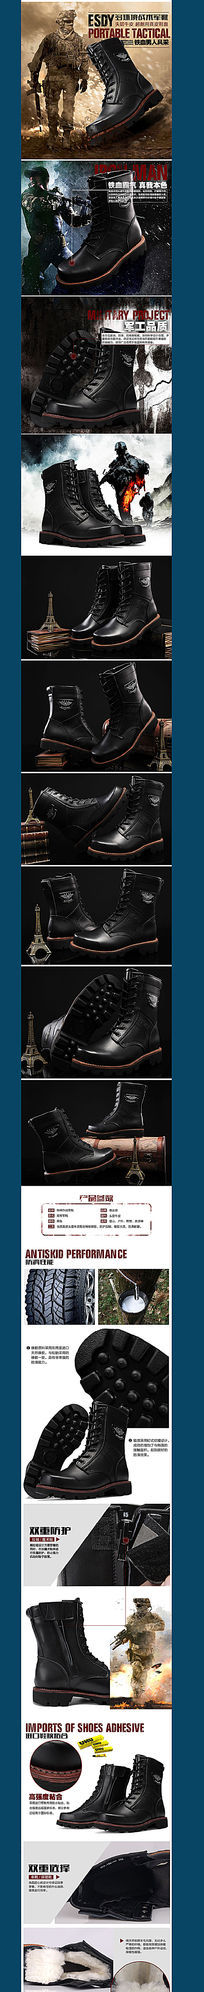 男鞋详情页宝贝描述模板